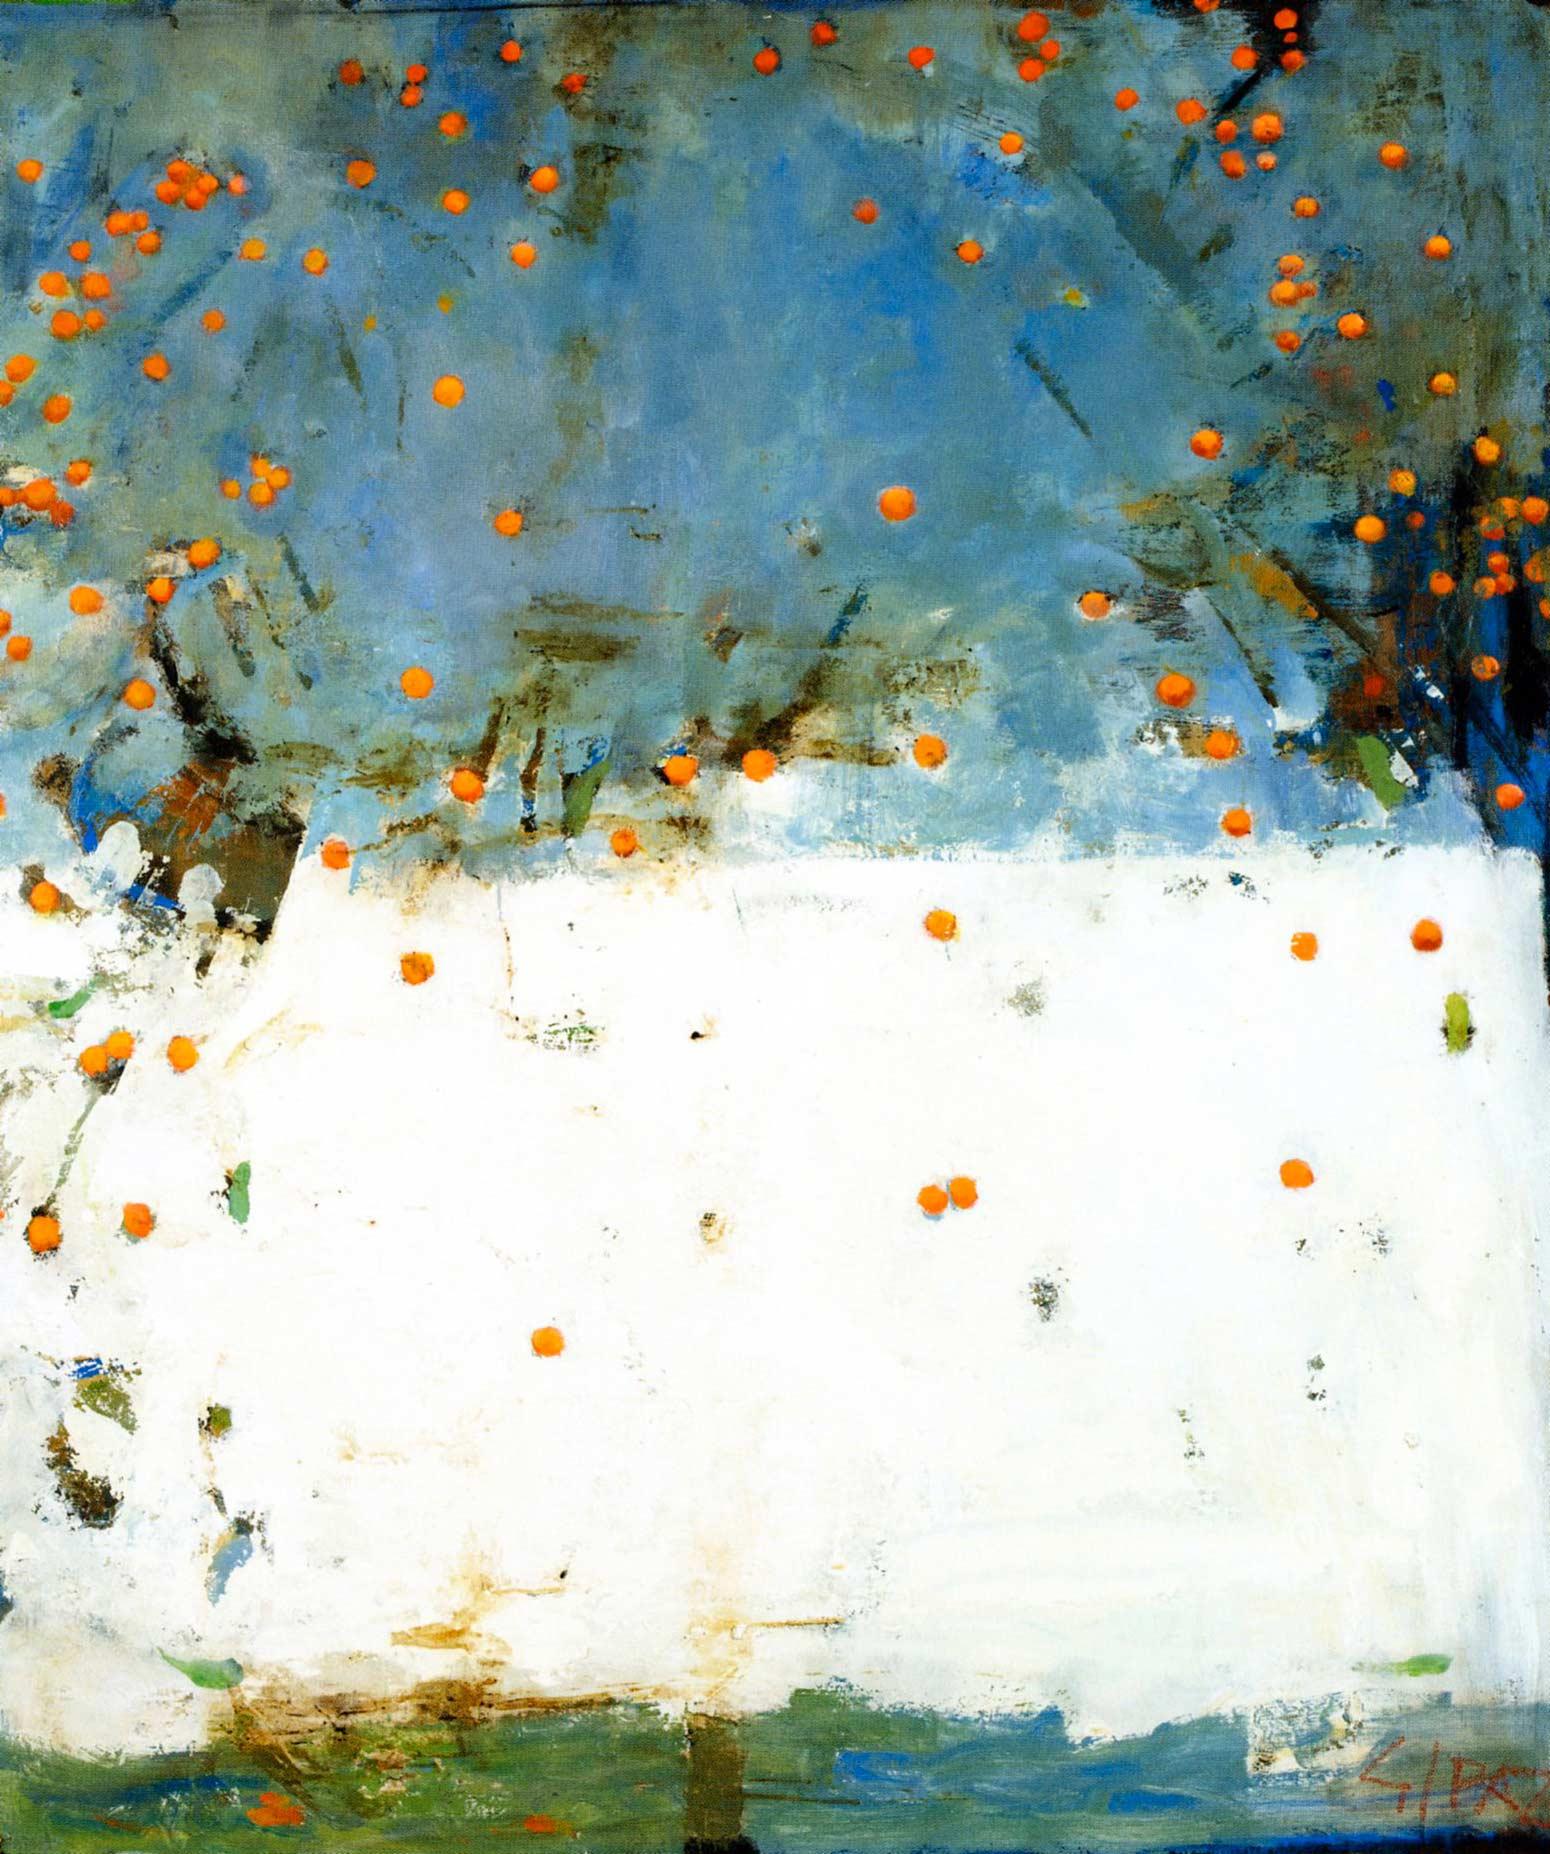 Giovanni Spazzini - Cachi su fondo azzurro